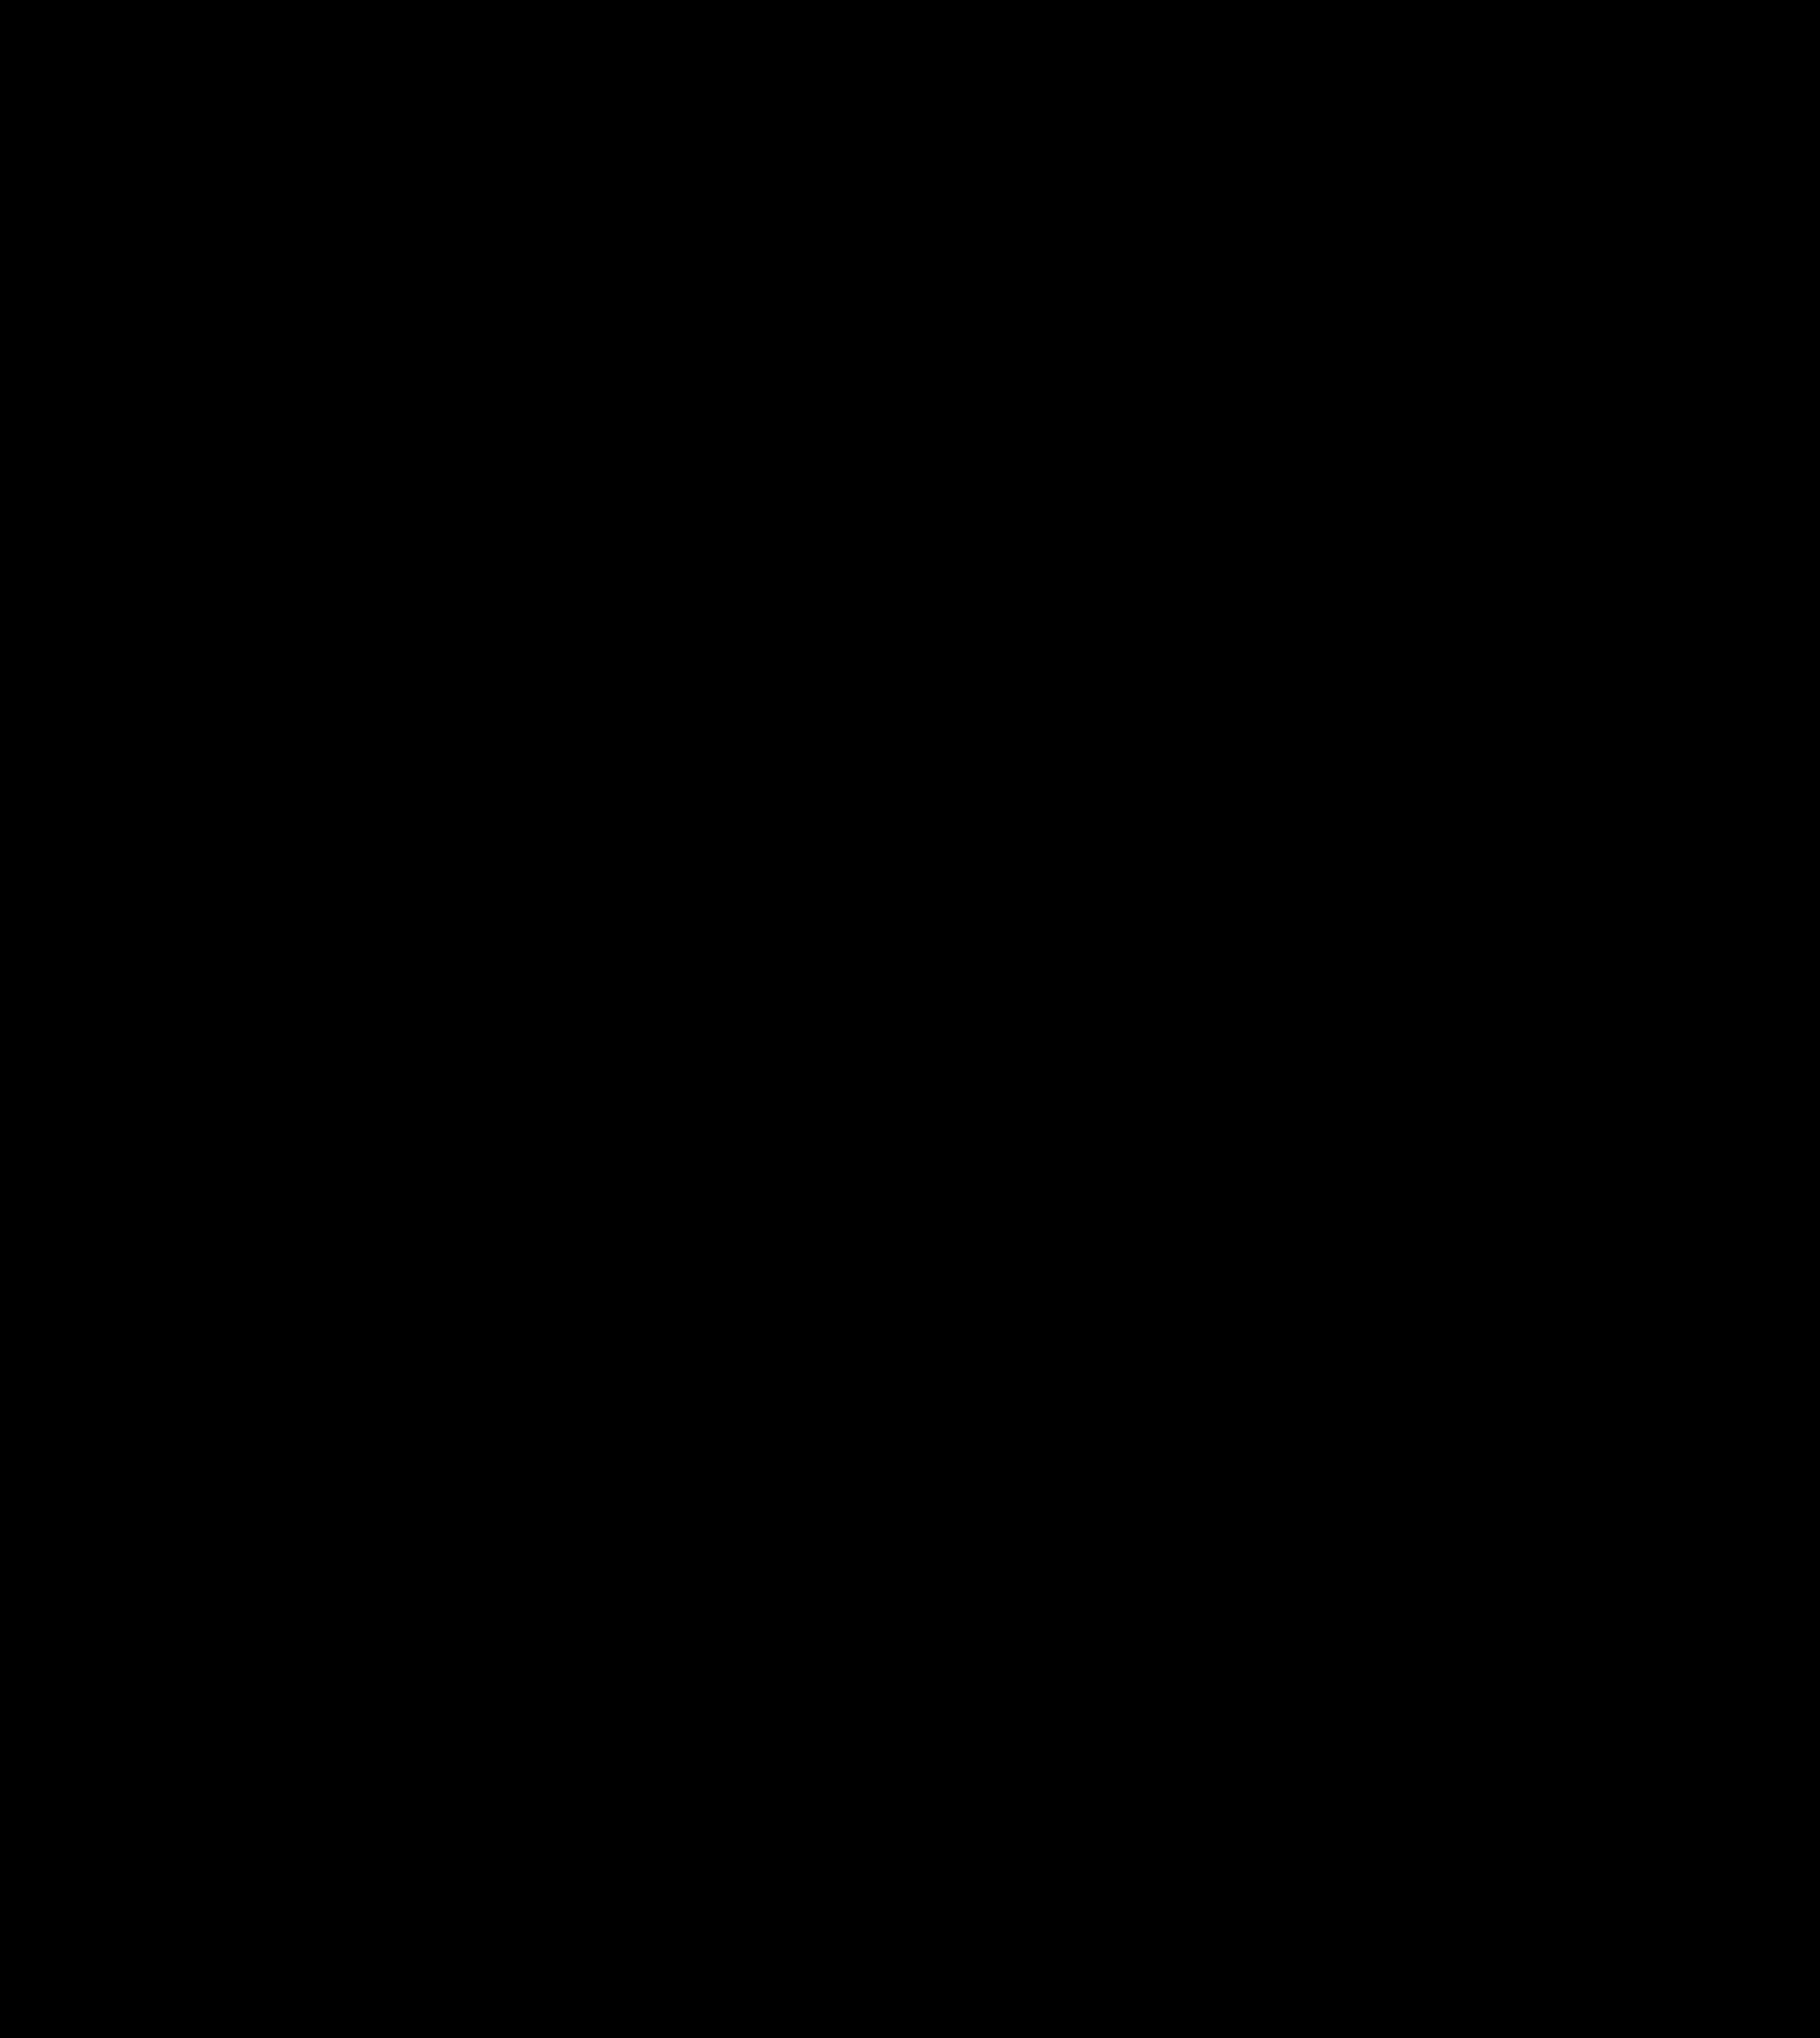 1 Stk Aufputz-Zählerverteiler 5A-28E/BGLD 5ZP, H1380B1230T250mm IL160528BS